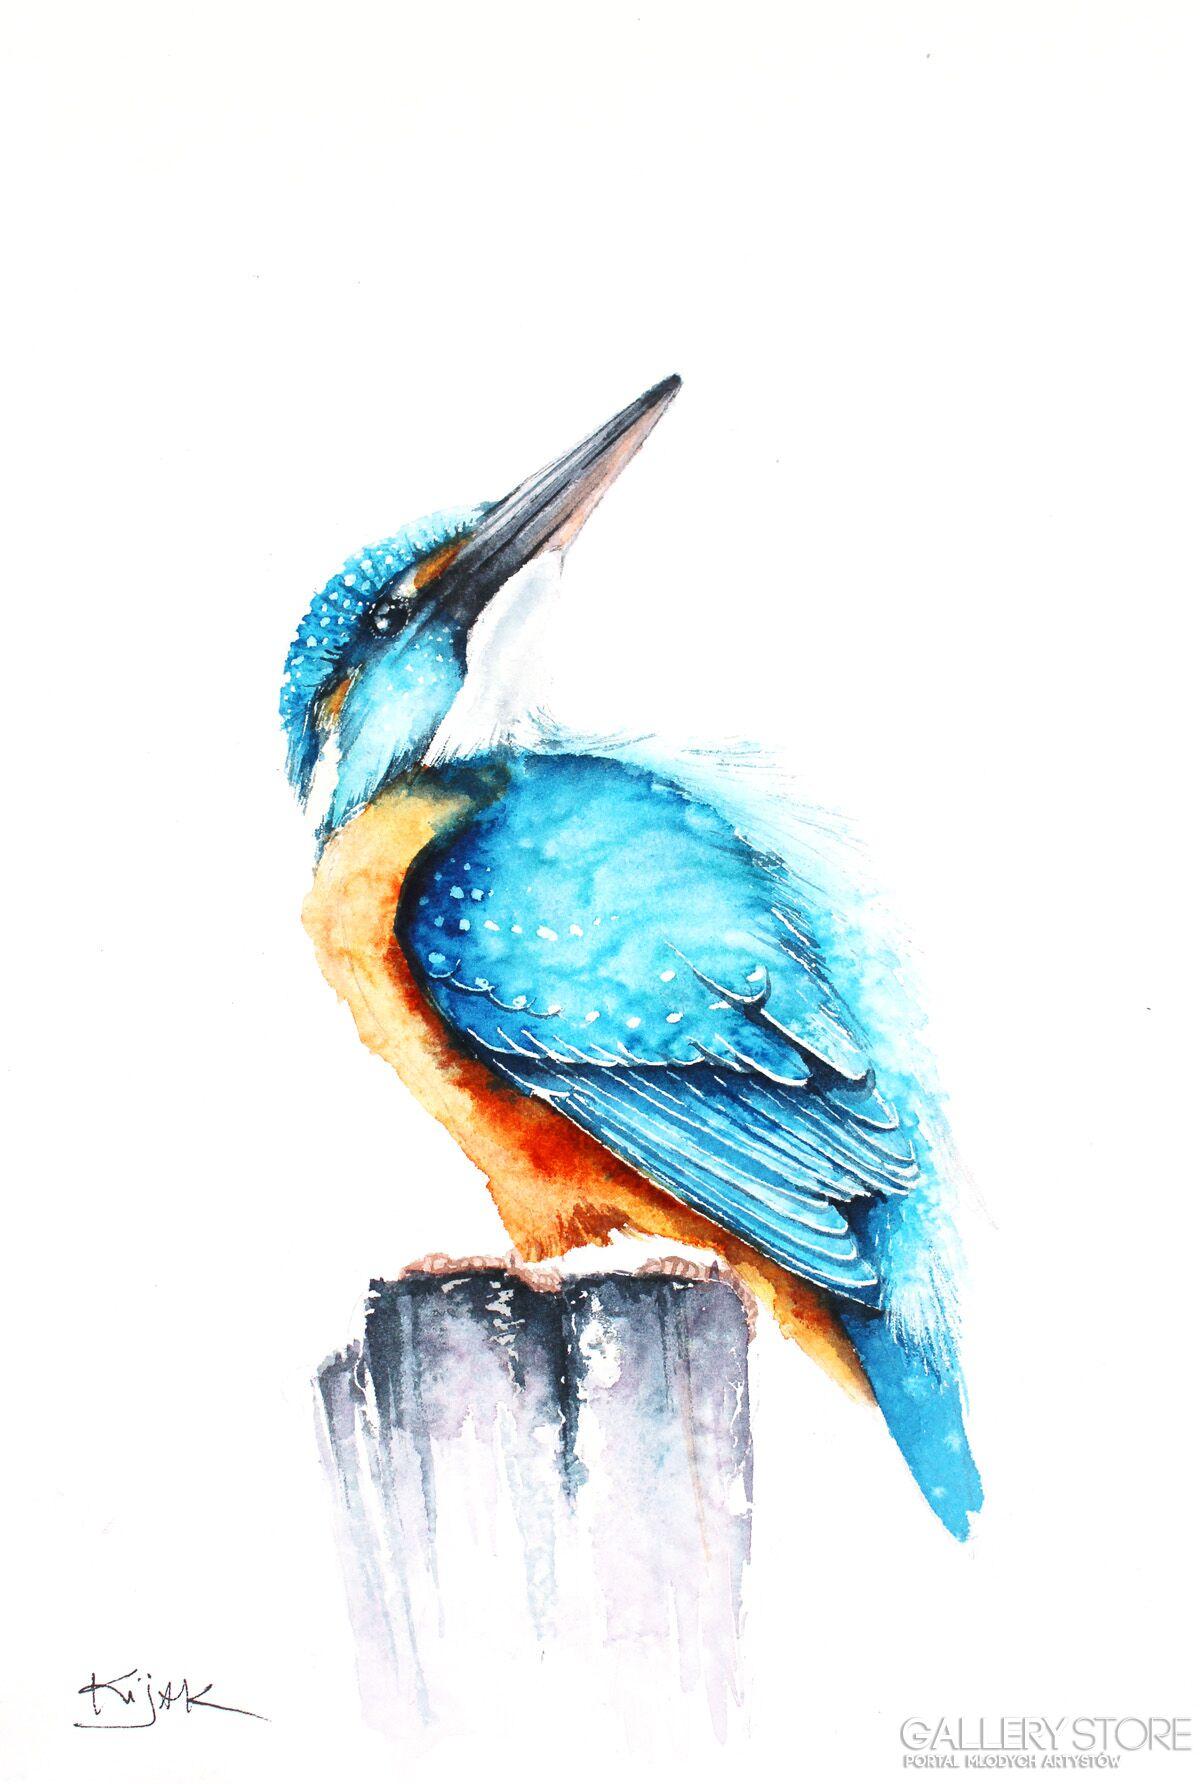 Zimorodek Ptaki Zwierzęta Przyroda Karolina Kijak Galeria